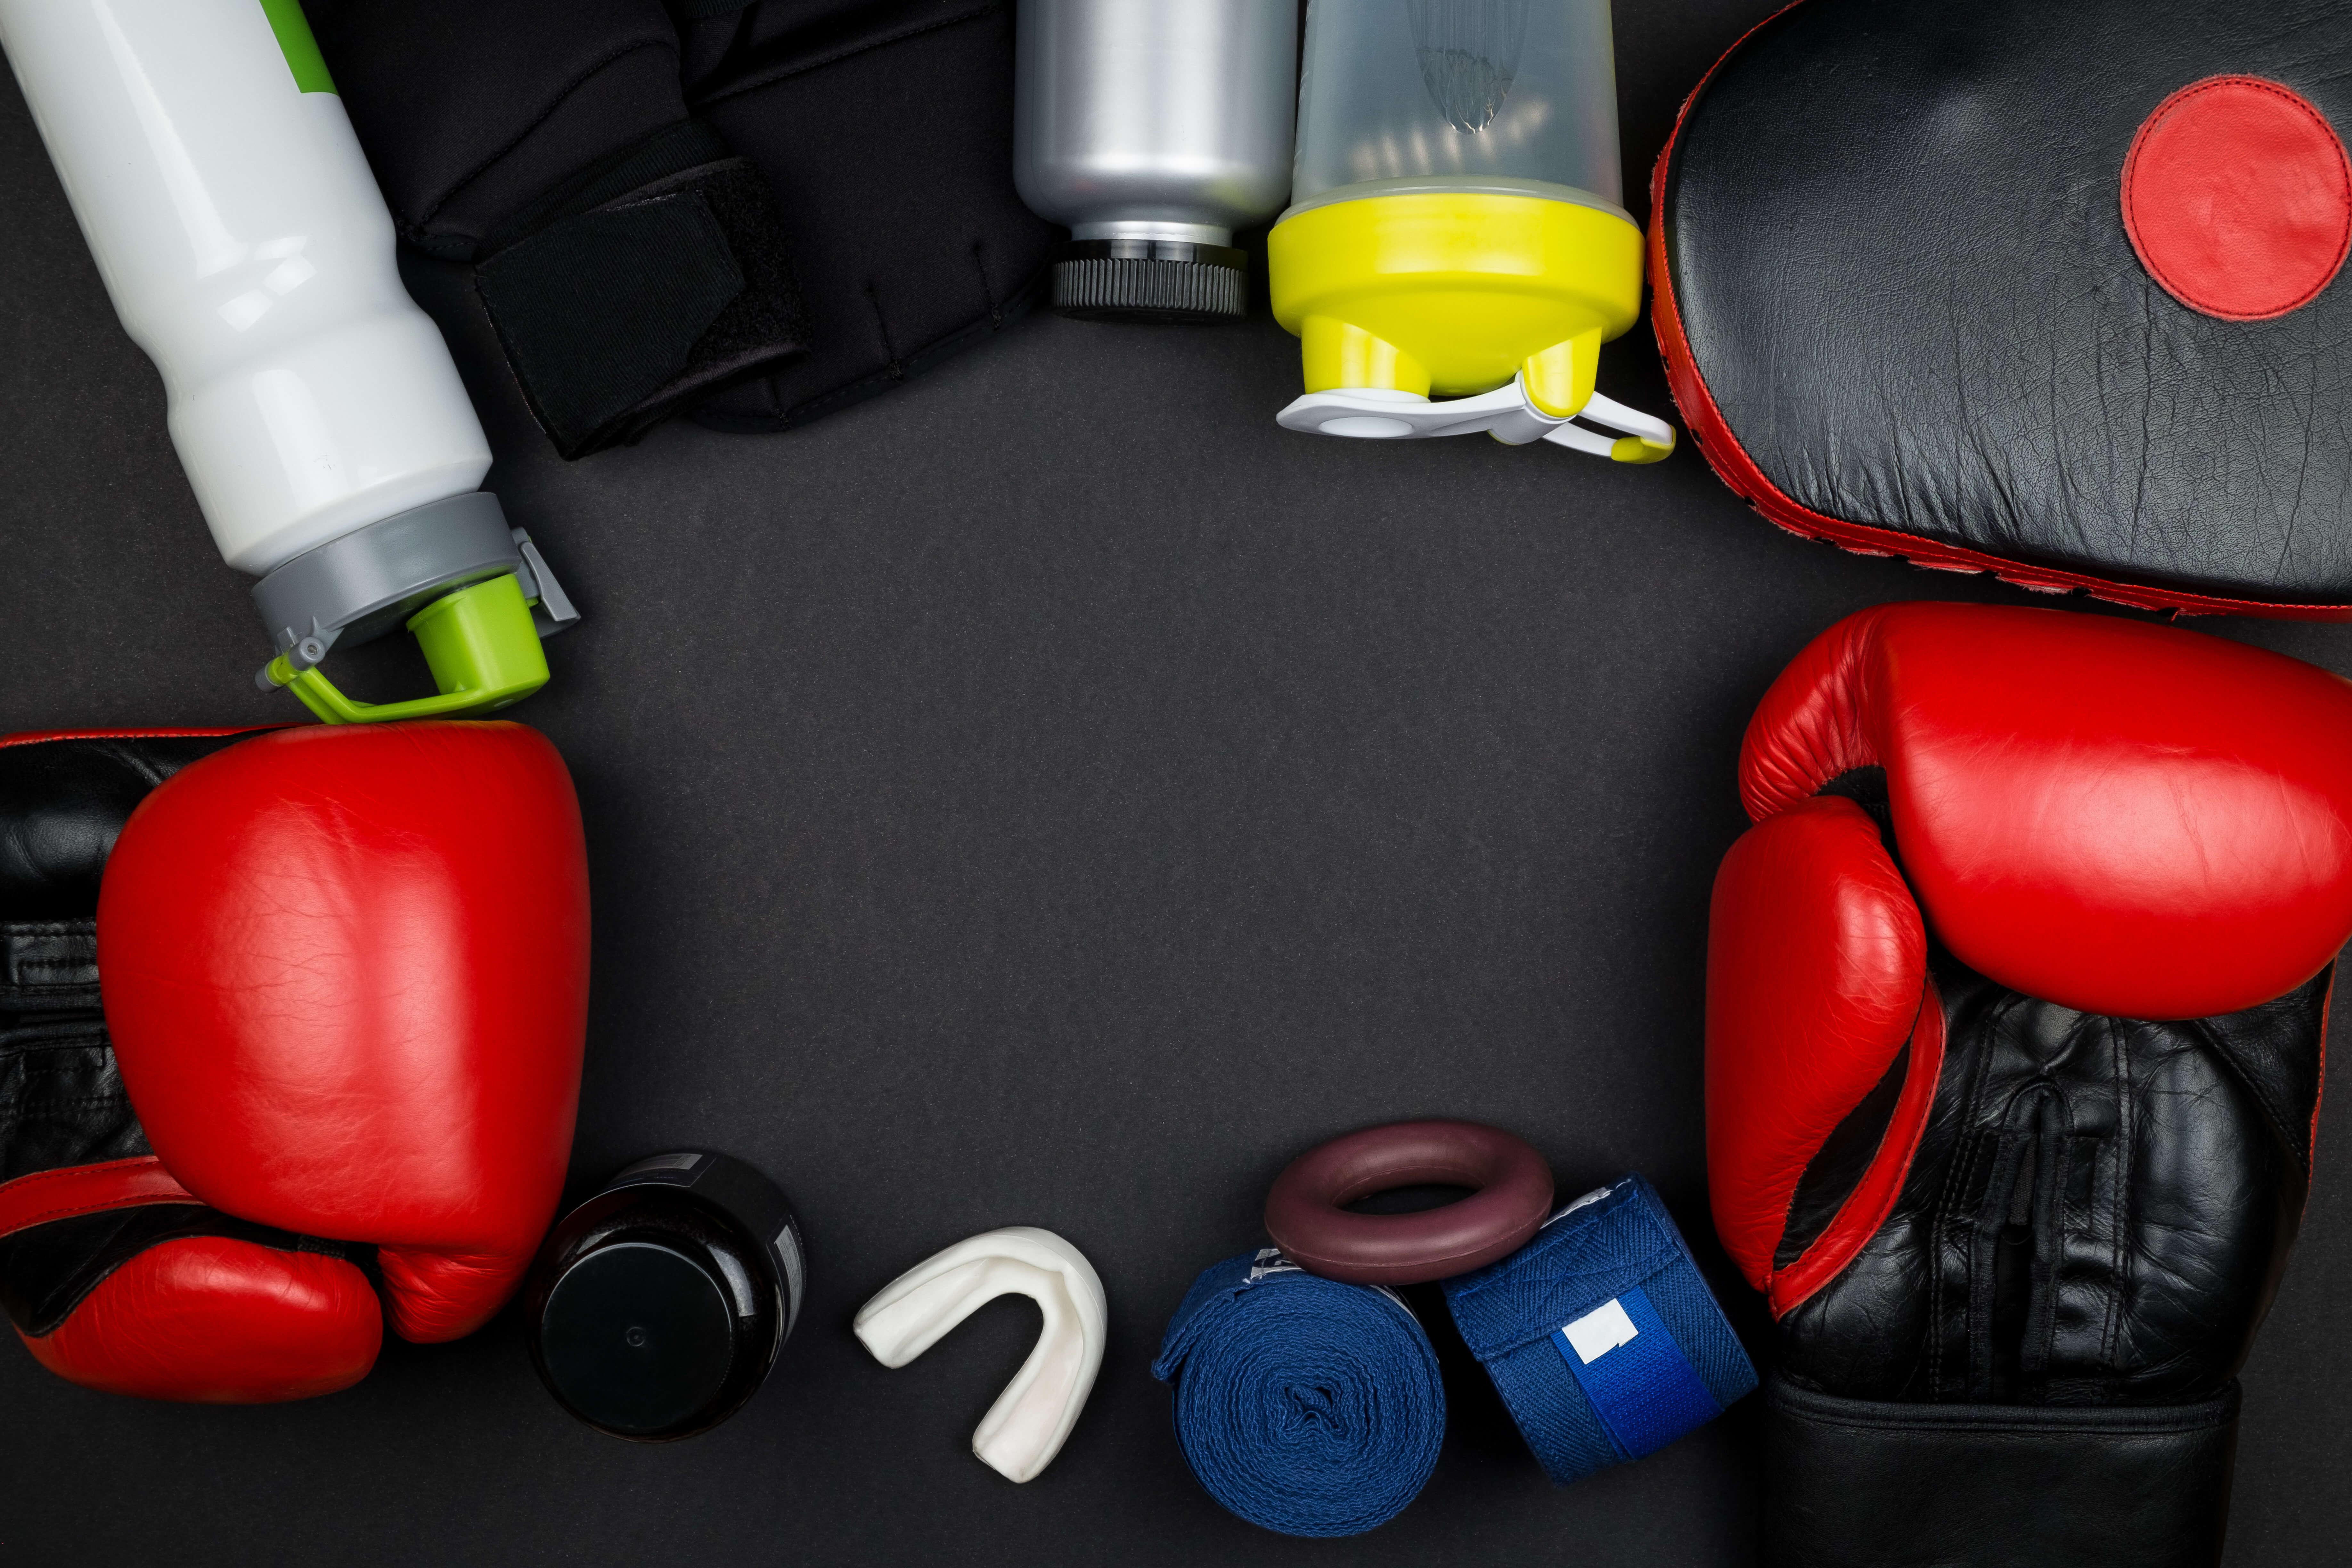 ボクシング用品